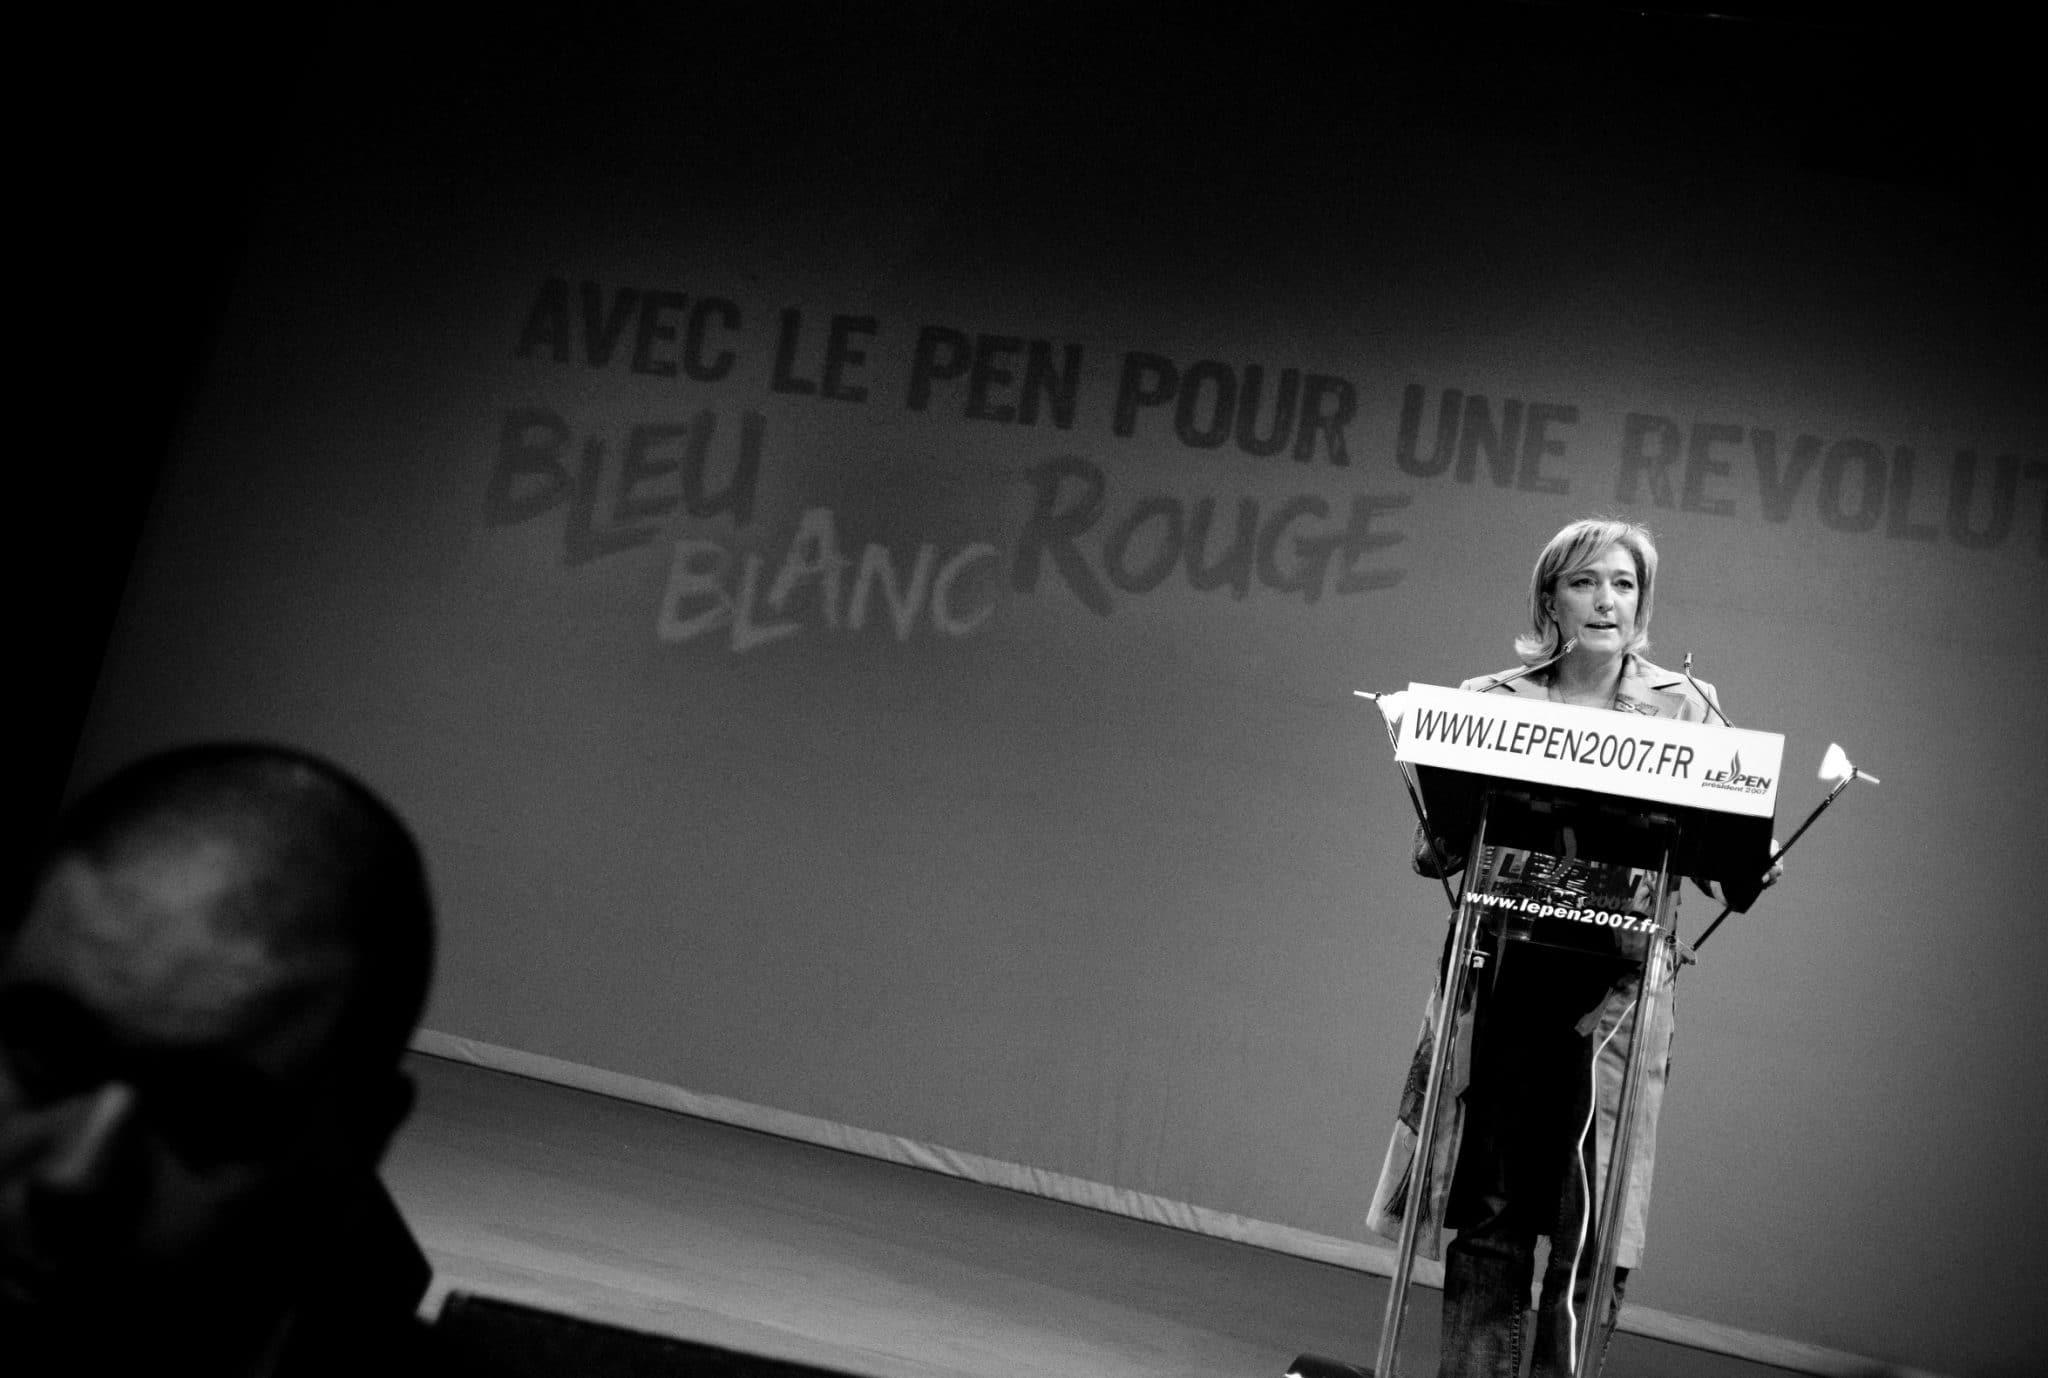 Ihre populistischen Parolen zeigen Wirkung: Marine Le Pen hat ihre Partei zurück in die französische Nationalversammlung geführt, Foto: www.flickr.com / Gueorgui Tcherednitchenko